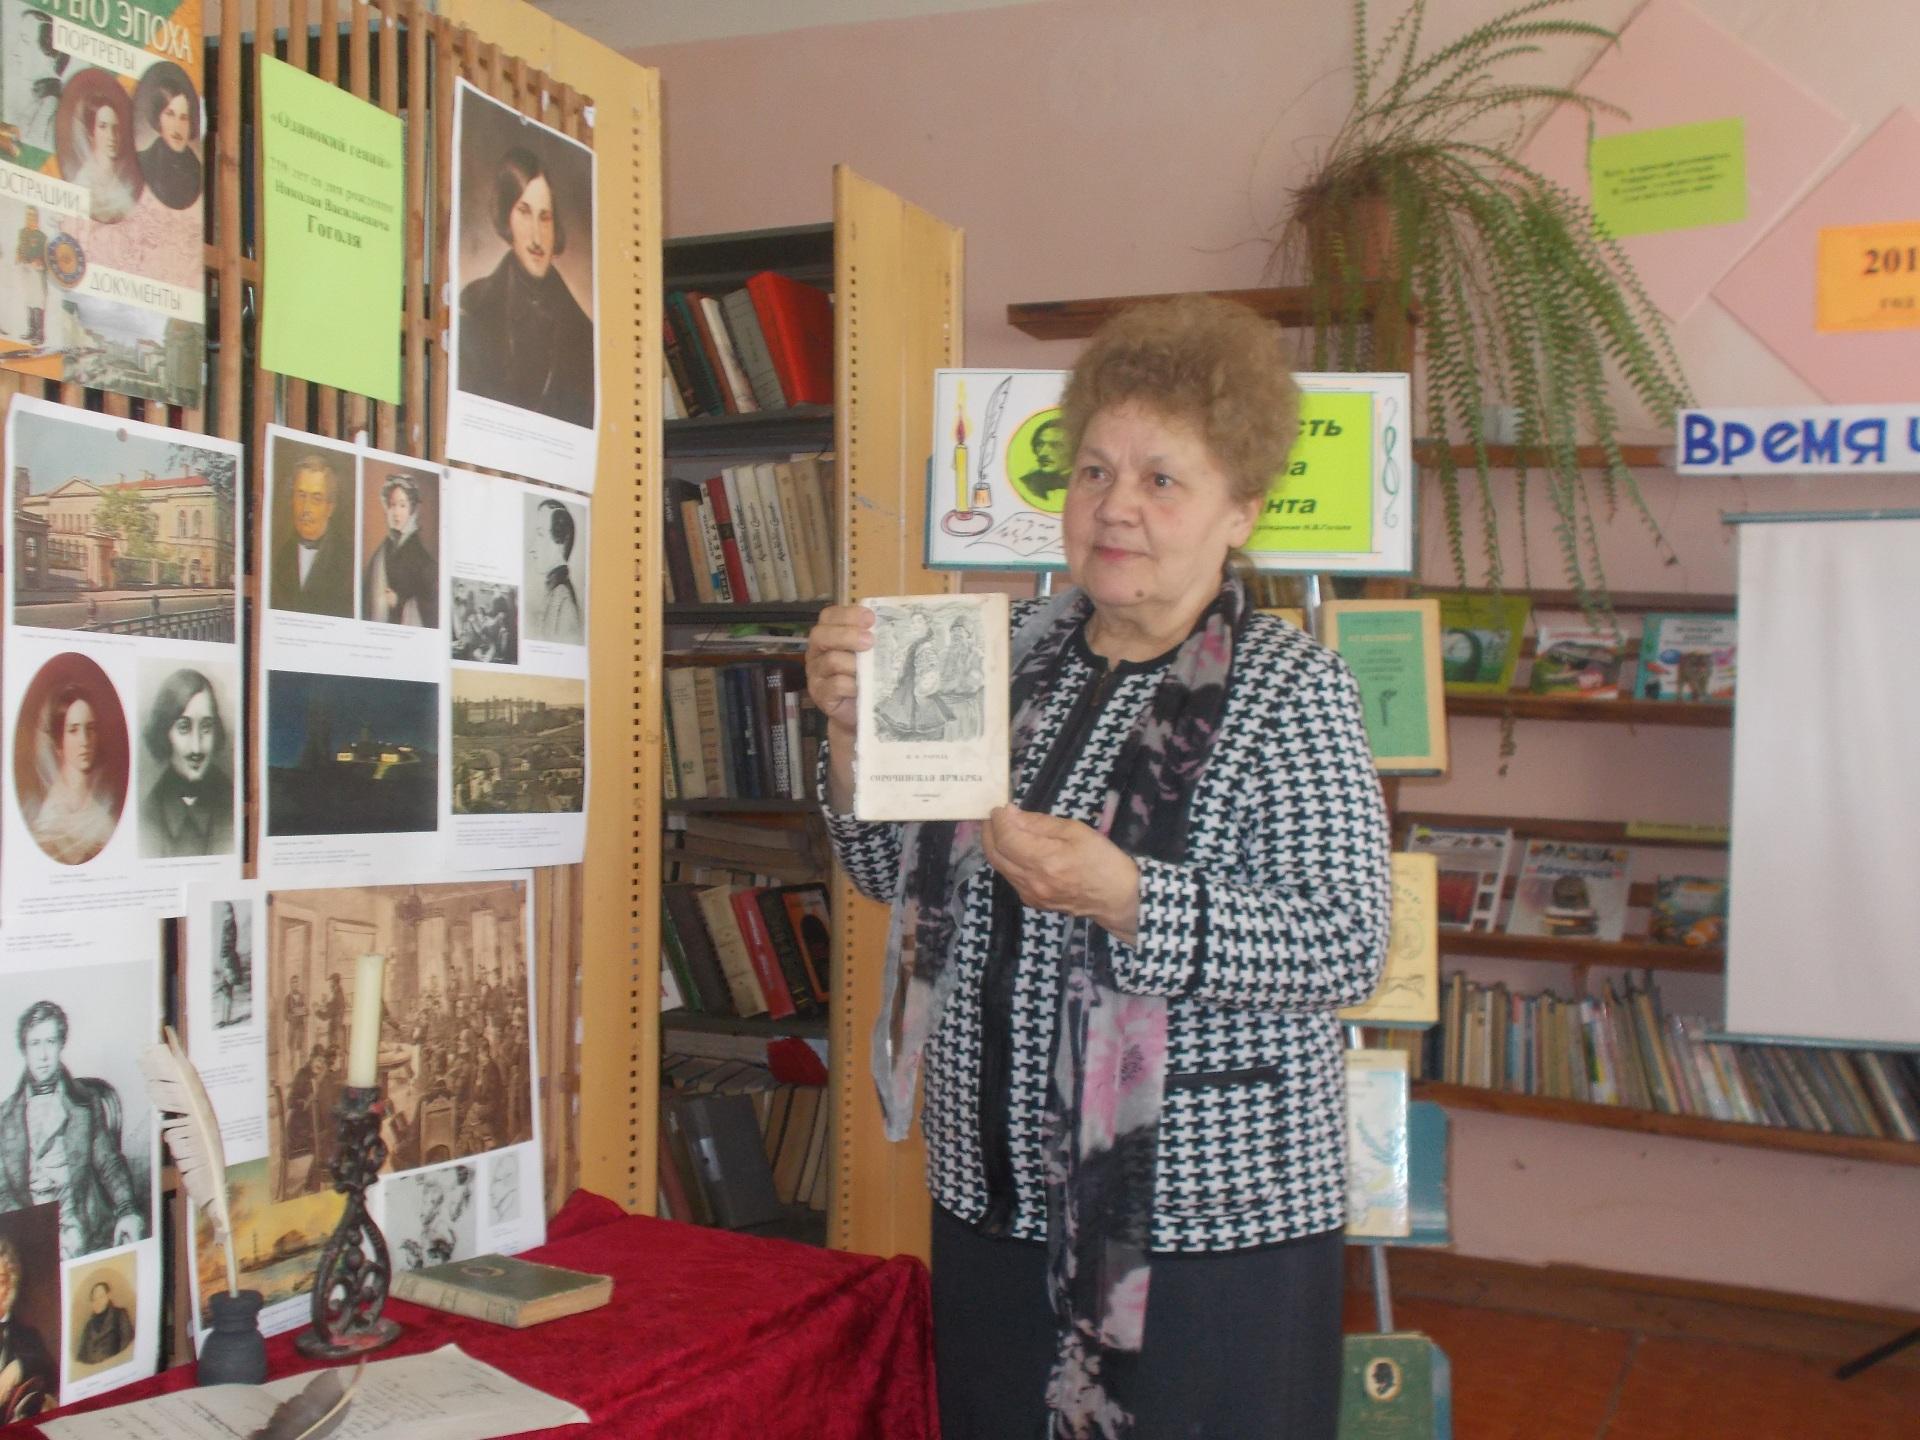 Татьяна Рыжова представляет книги Н.В. Гоголя